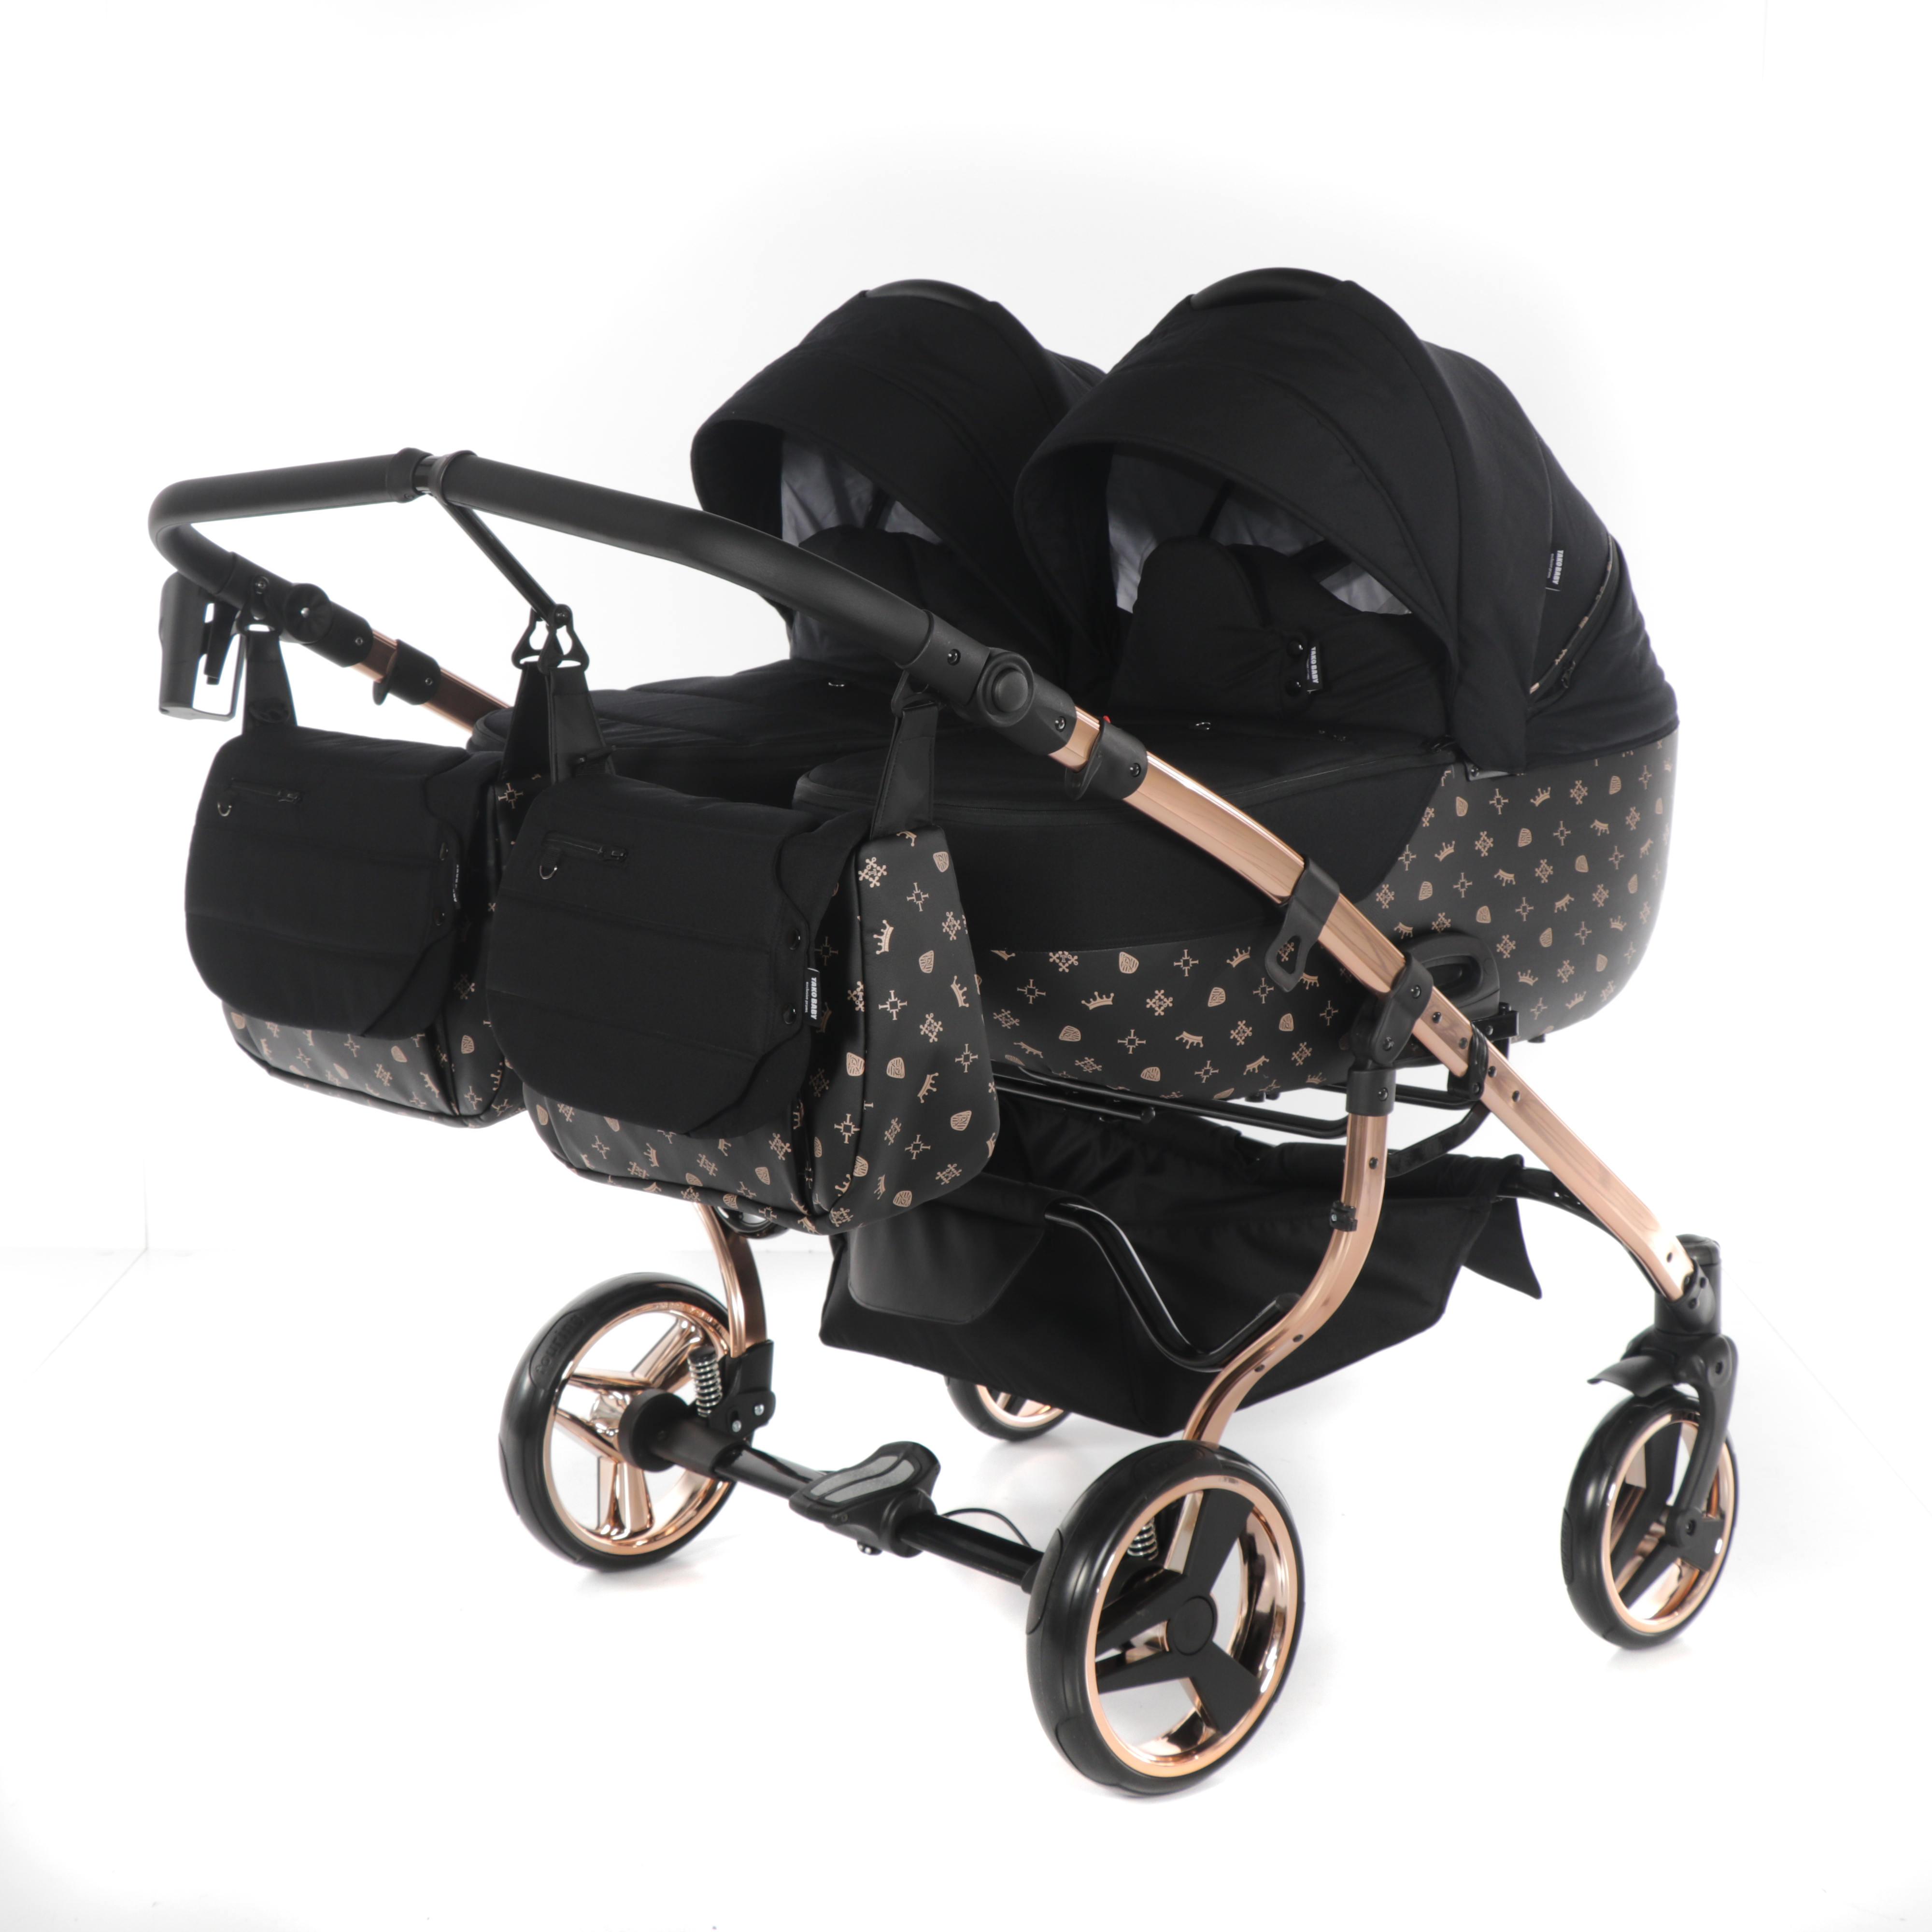 wózek blixniaczy Laret Imperial Duo wielofunkcyjny Tako elegancki nowoczesny wózek czarny Dadi Shop